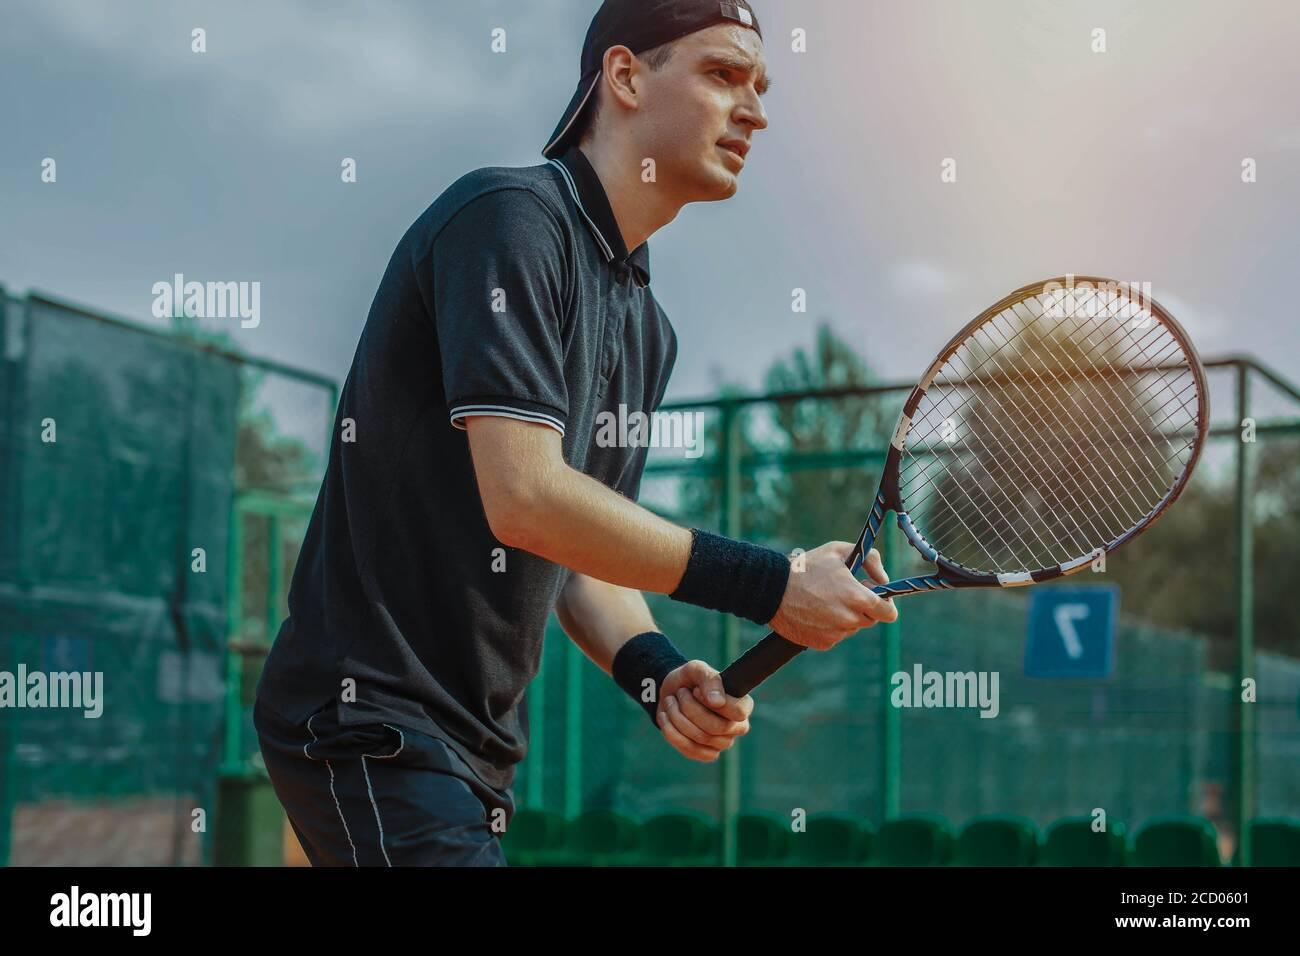 Gros plan de l'homme tenant une raquette dans les deux mains pour frapper en hauteur tout en attendant que le ballon sert au court de tennis. Banque D'Images